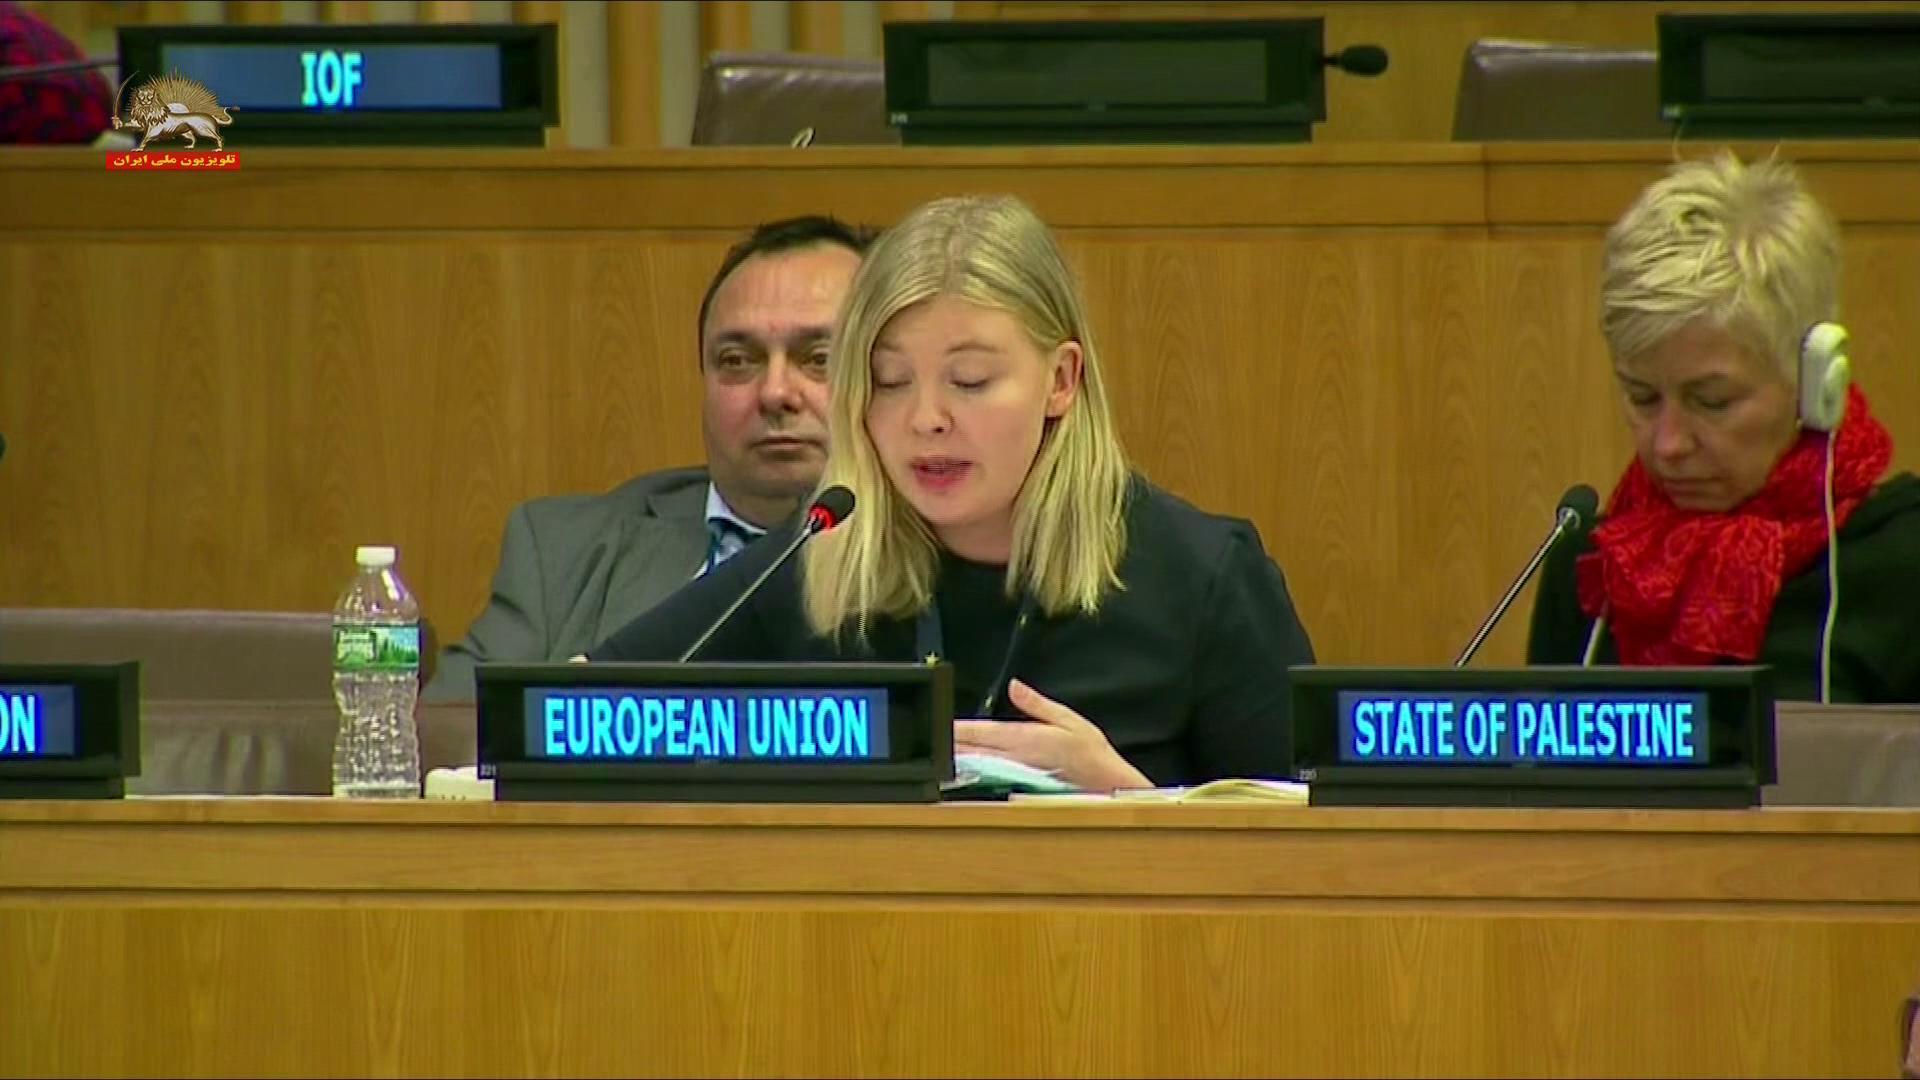 نماینده اتحادیه اروپا در اجلاس کمیتهٴ سوم مجمع عمومی